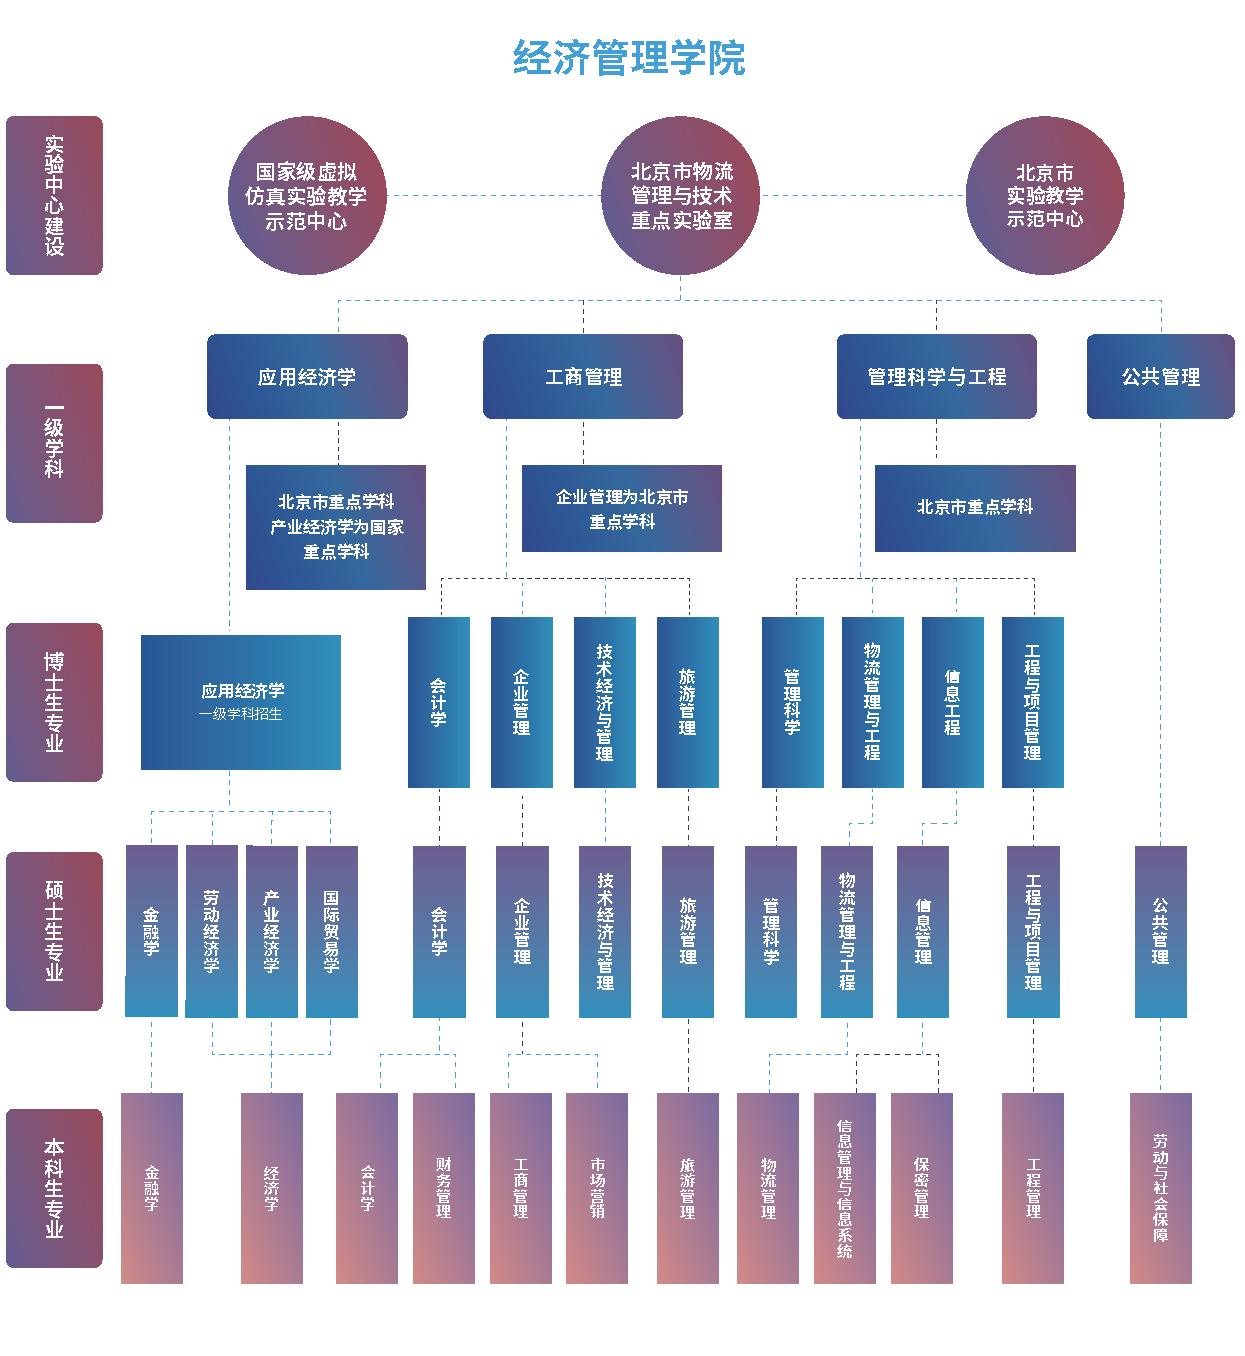 各学院架构图 3个 6-10_页面_1.png